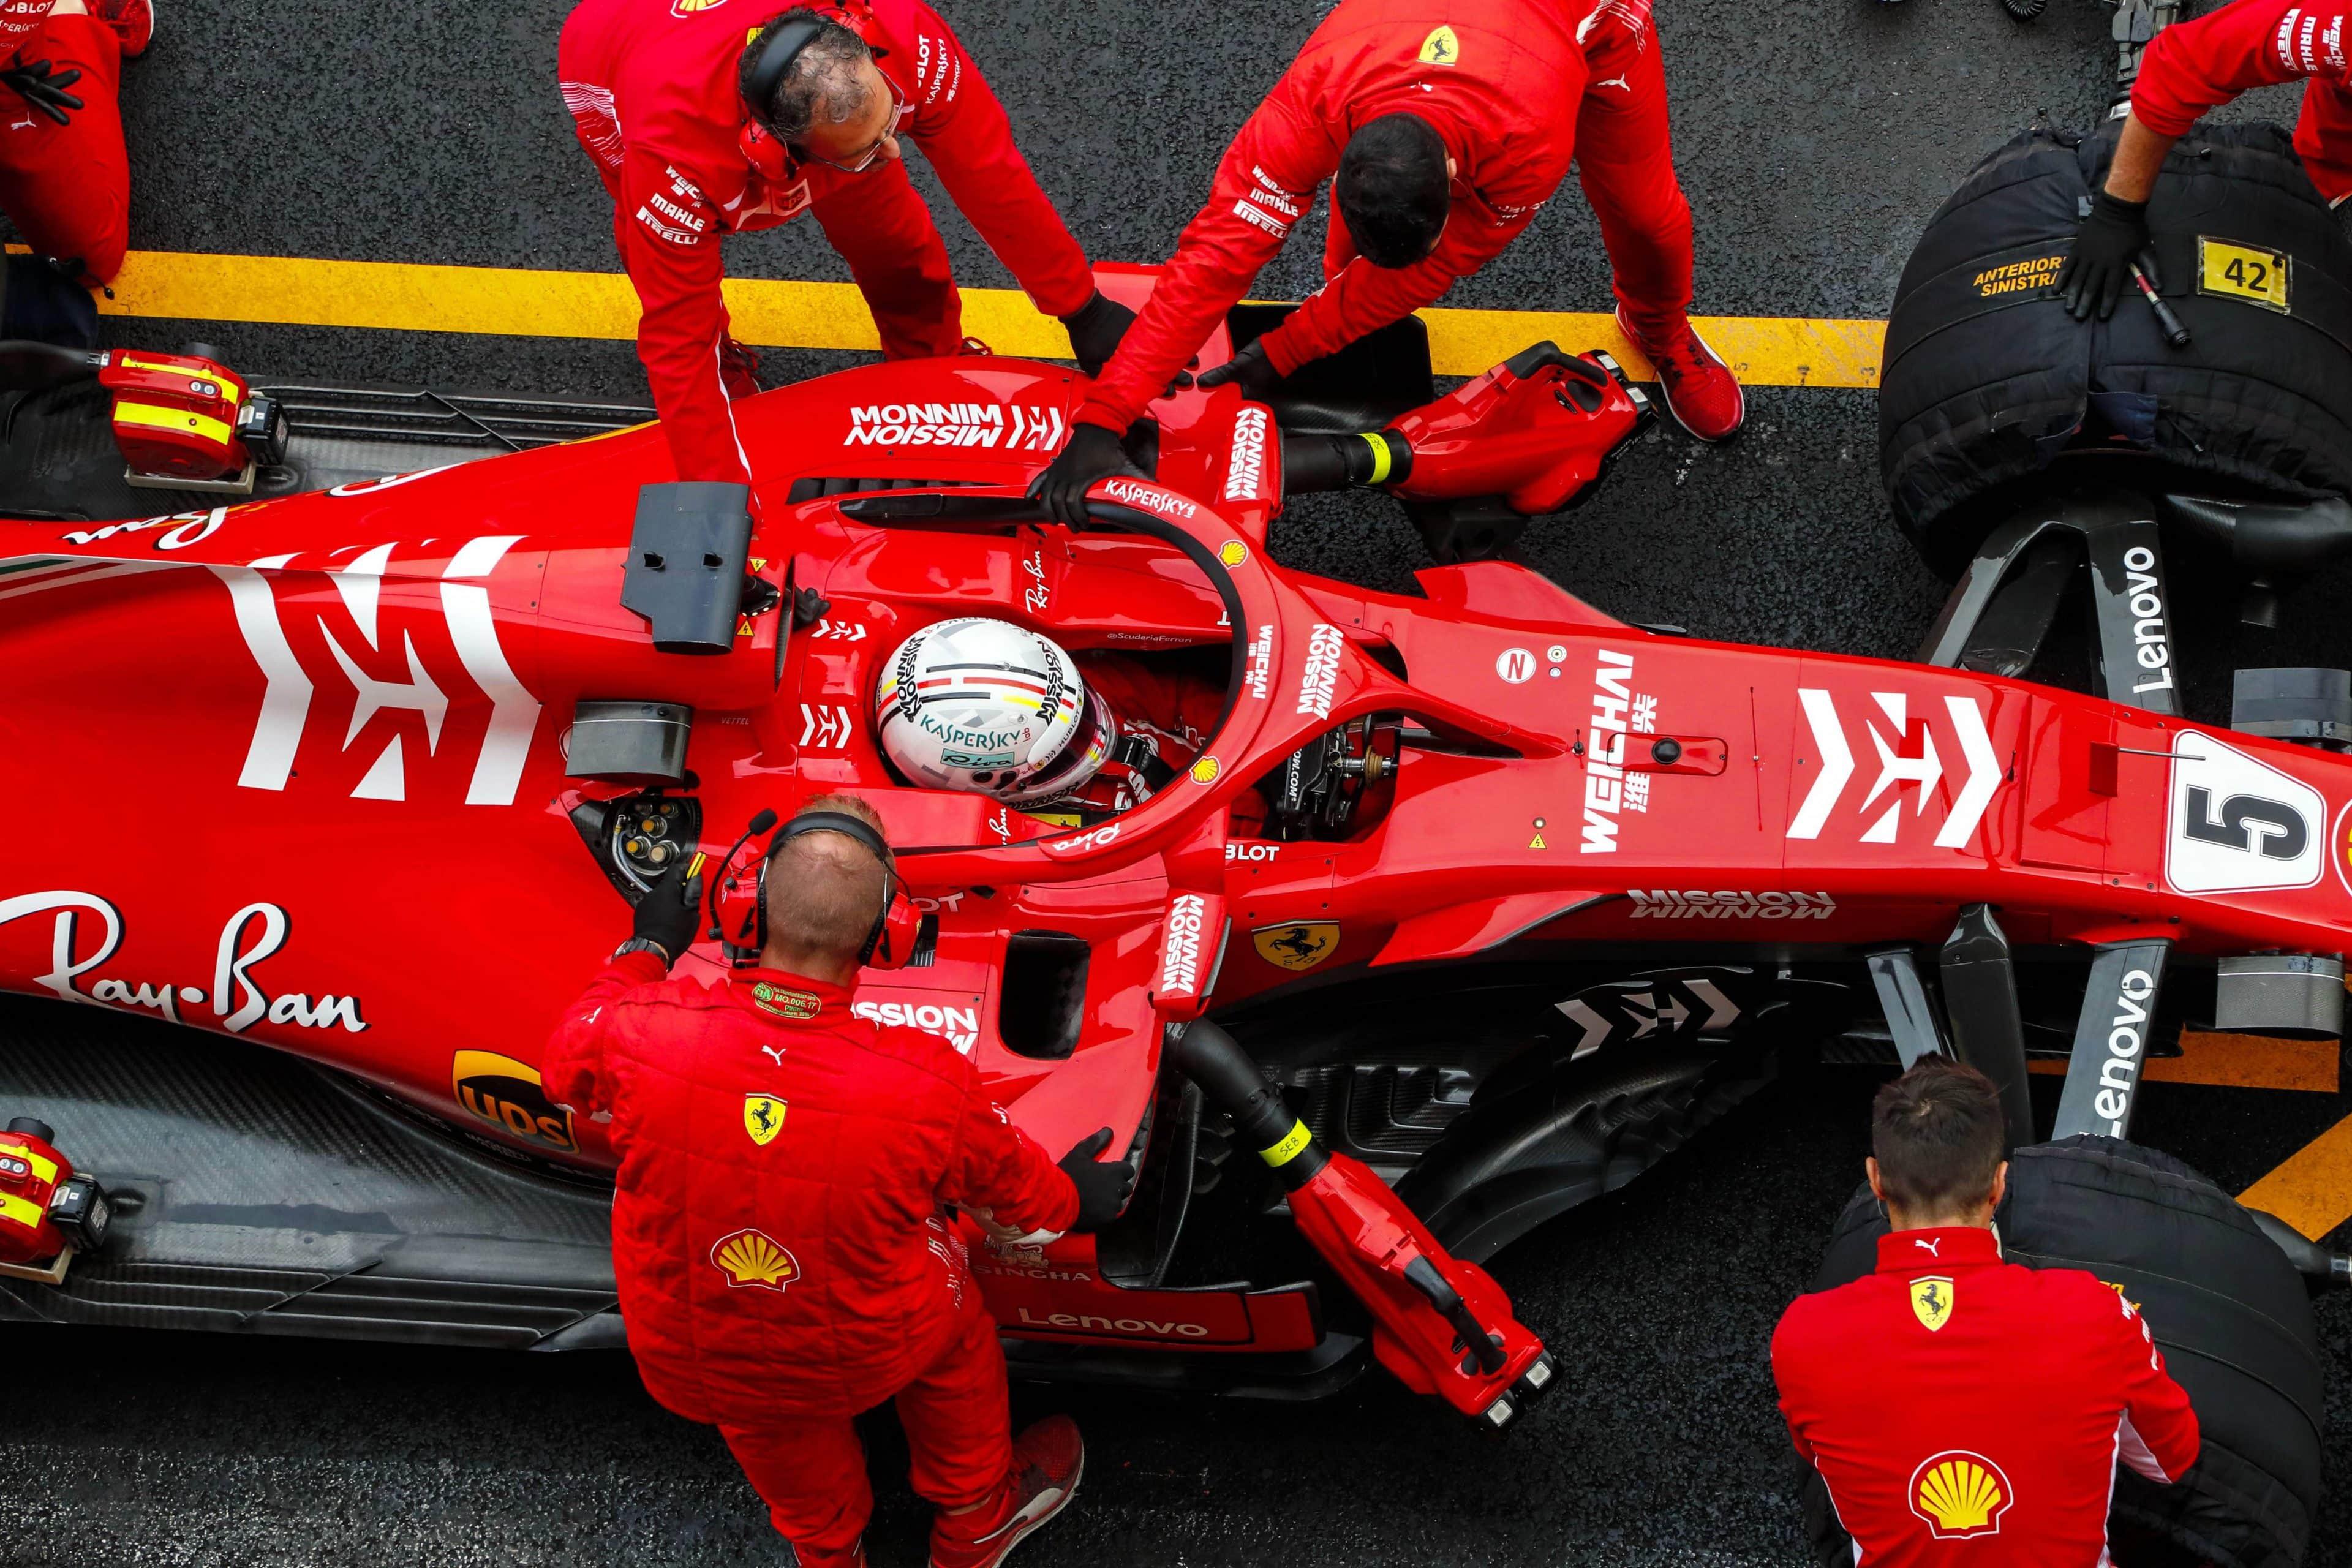 Calendario F1 2020 Tv8.Calendario Formula 1 2019 Date Orari E Dove Vedere In